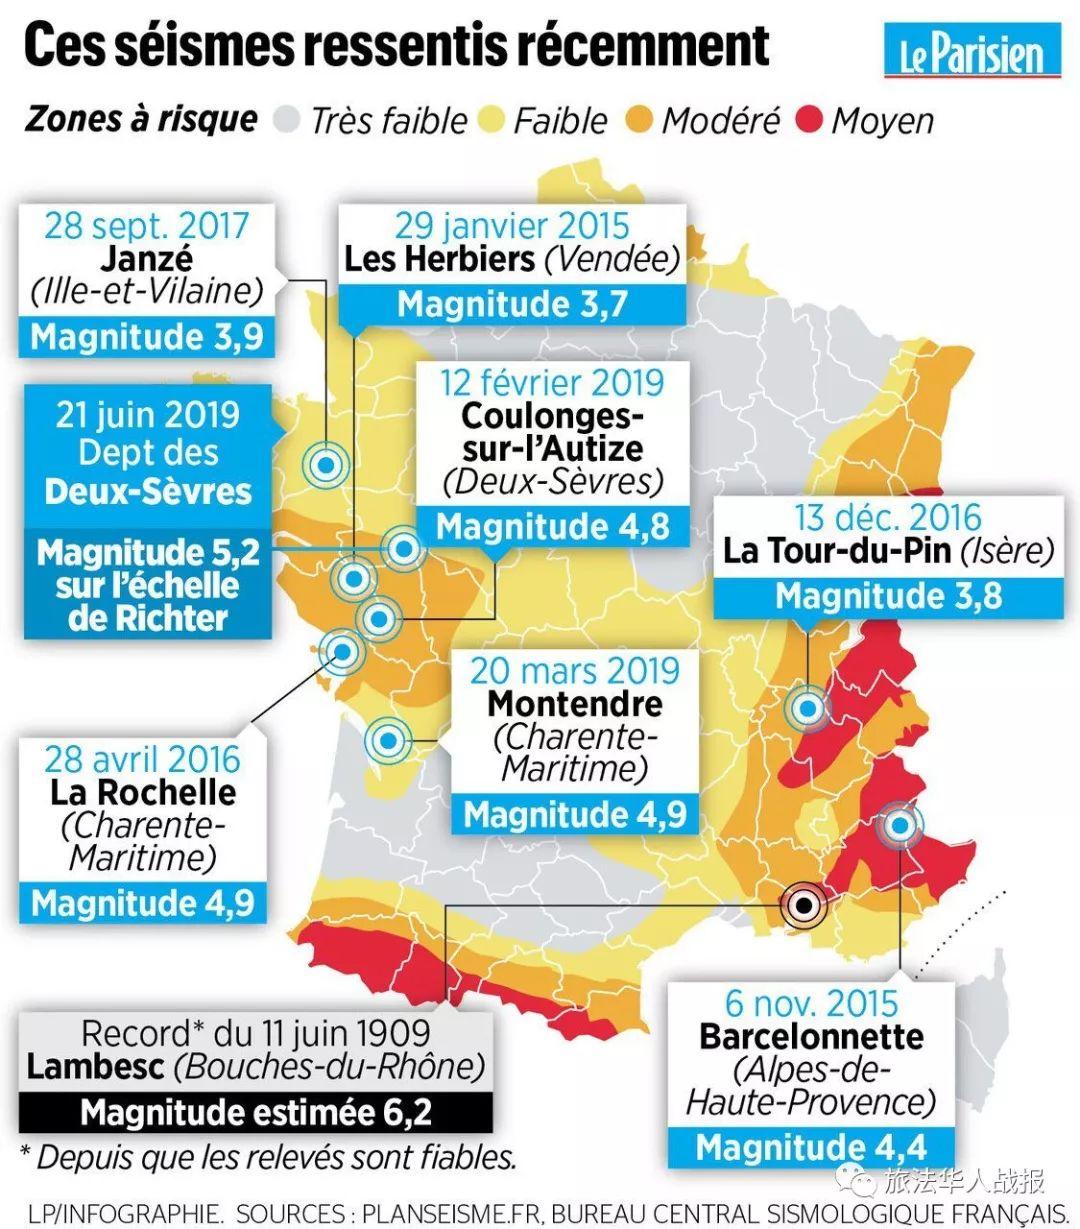 【时事】法国发生5.2级地震 多地有震感